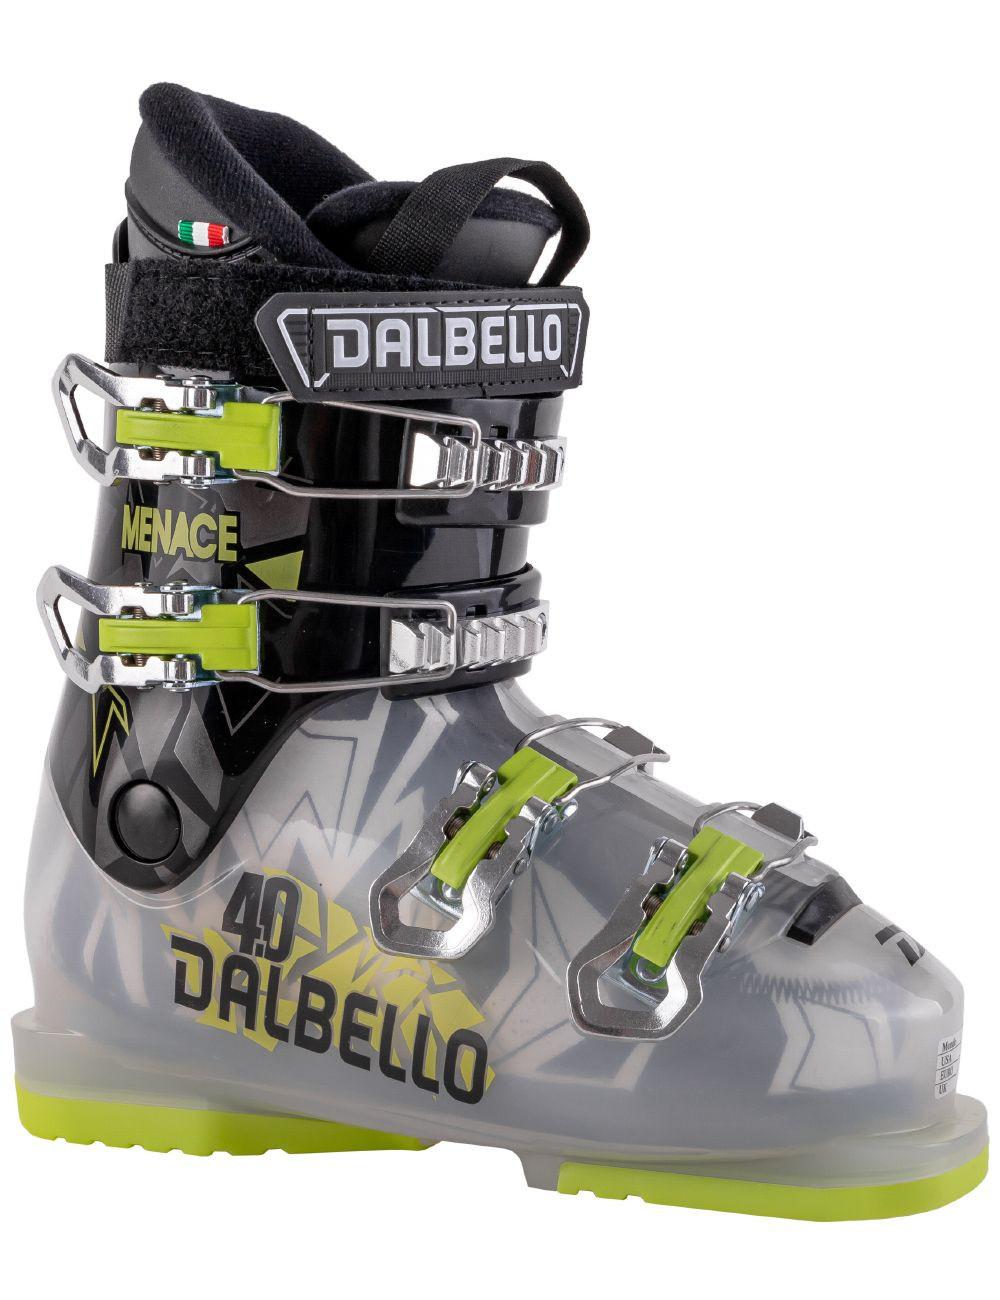 Buty Narciarskie Dalbello Menace 4 0 Jr